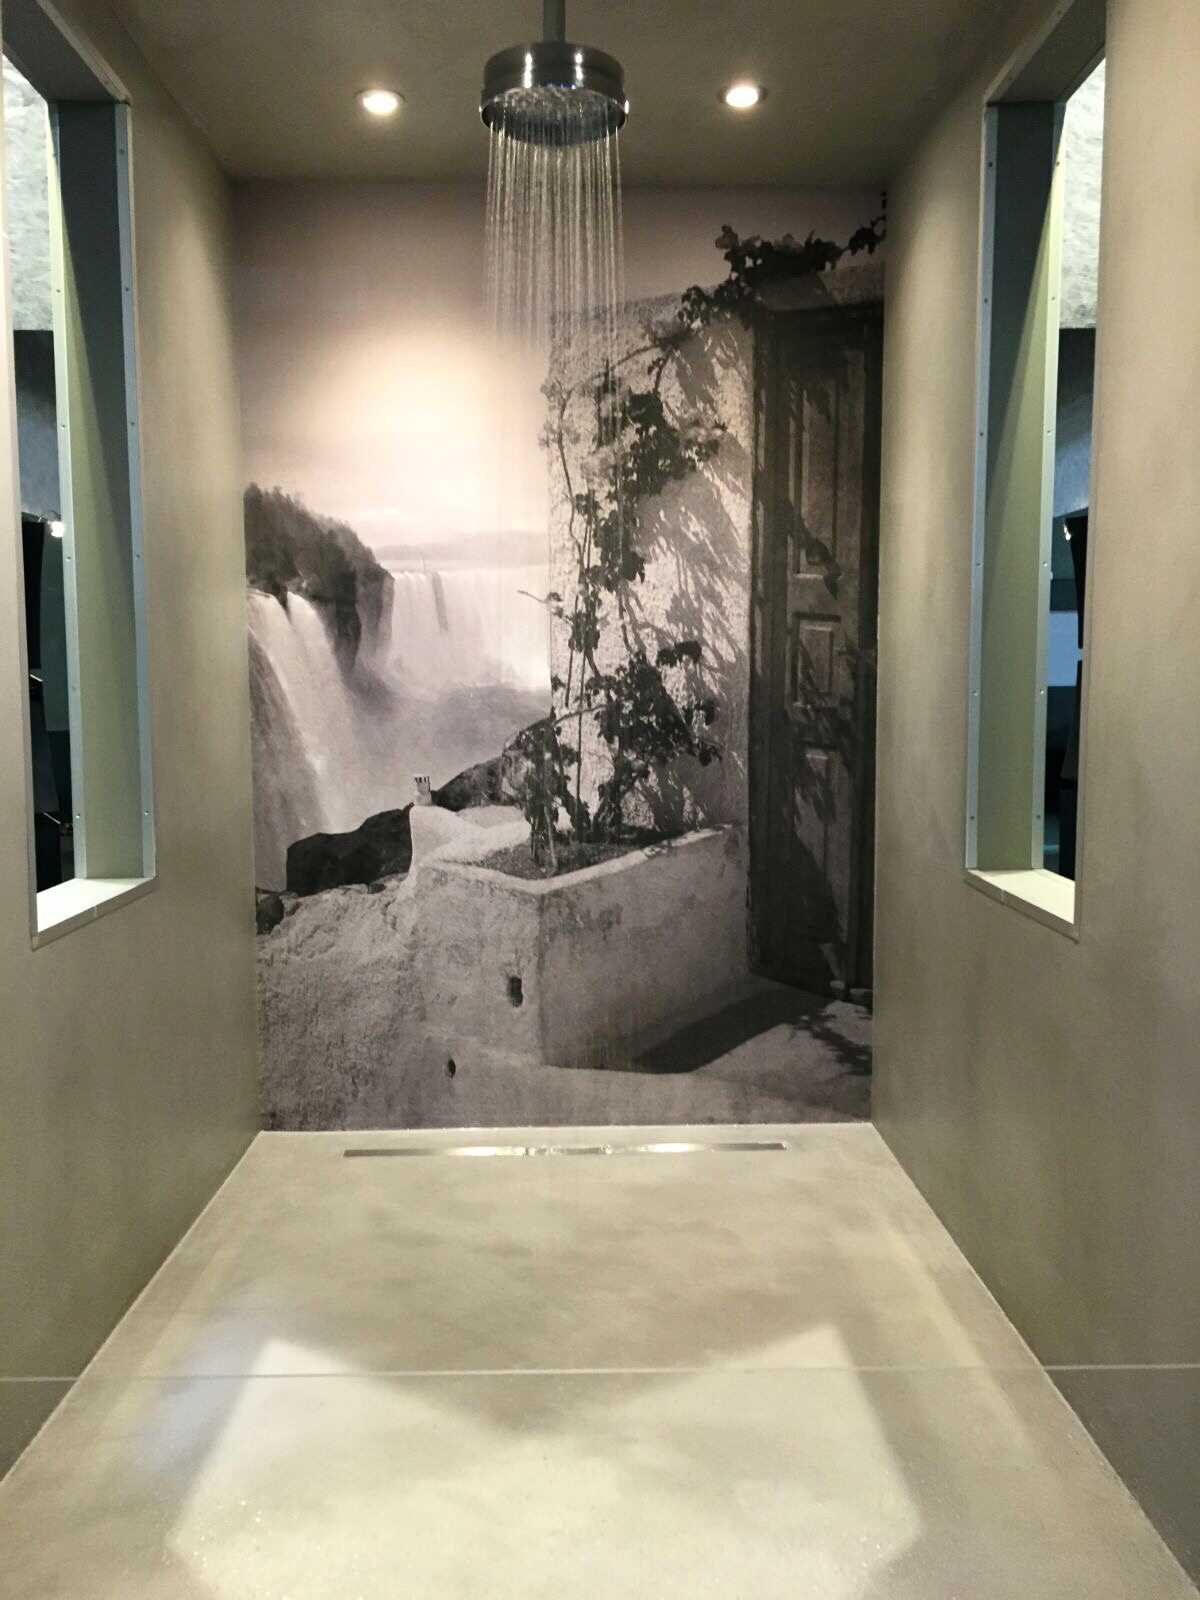 Käsityönä valmistettu mittatilaus Fresko-tapetti kylpyhuoneen seinällä.